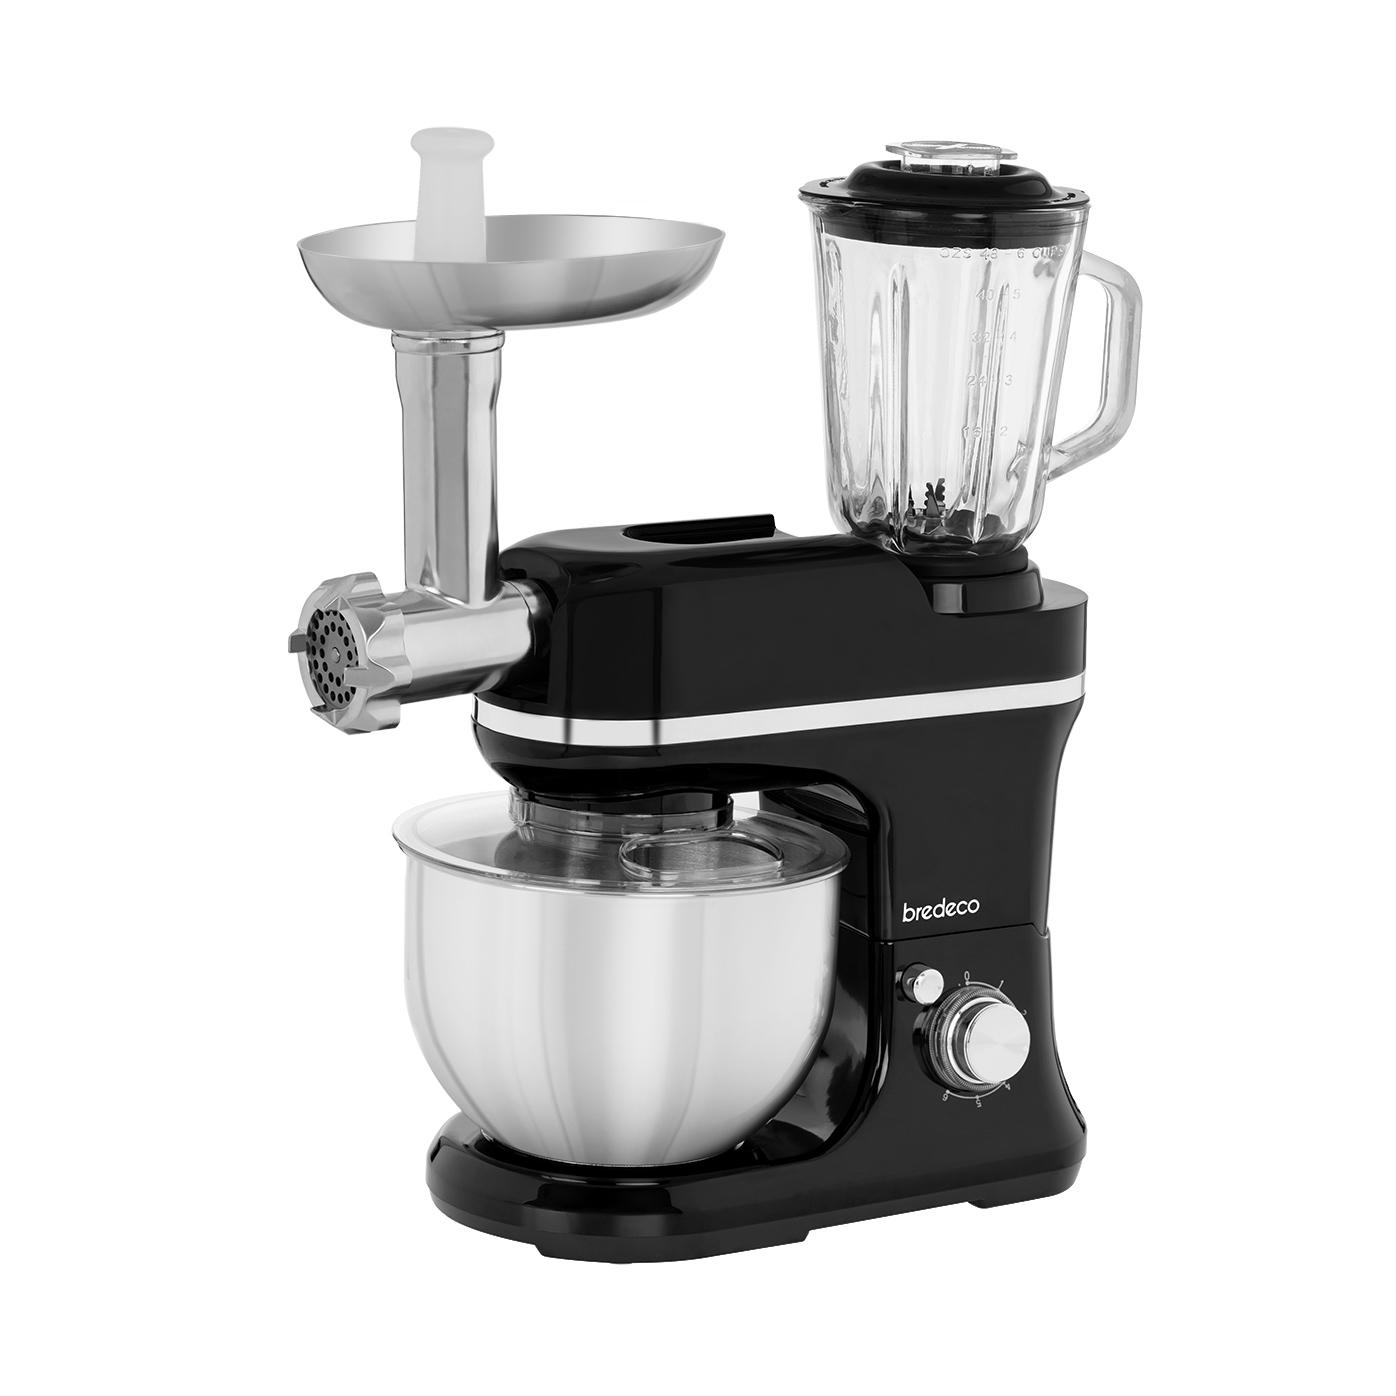 bredeco Küchenmaschine - inkl. Mixer & Fleischwolf - 1.200 W BCPM-1200-EXP